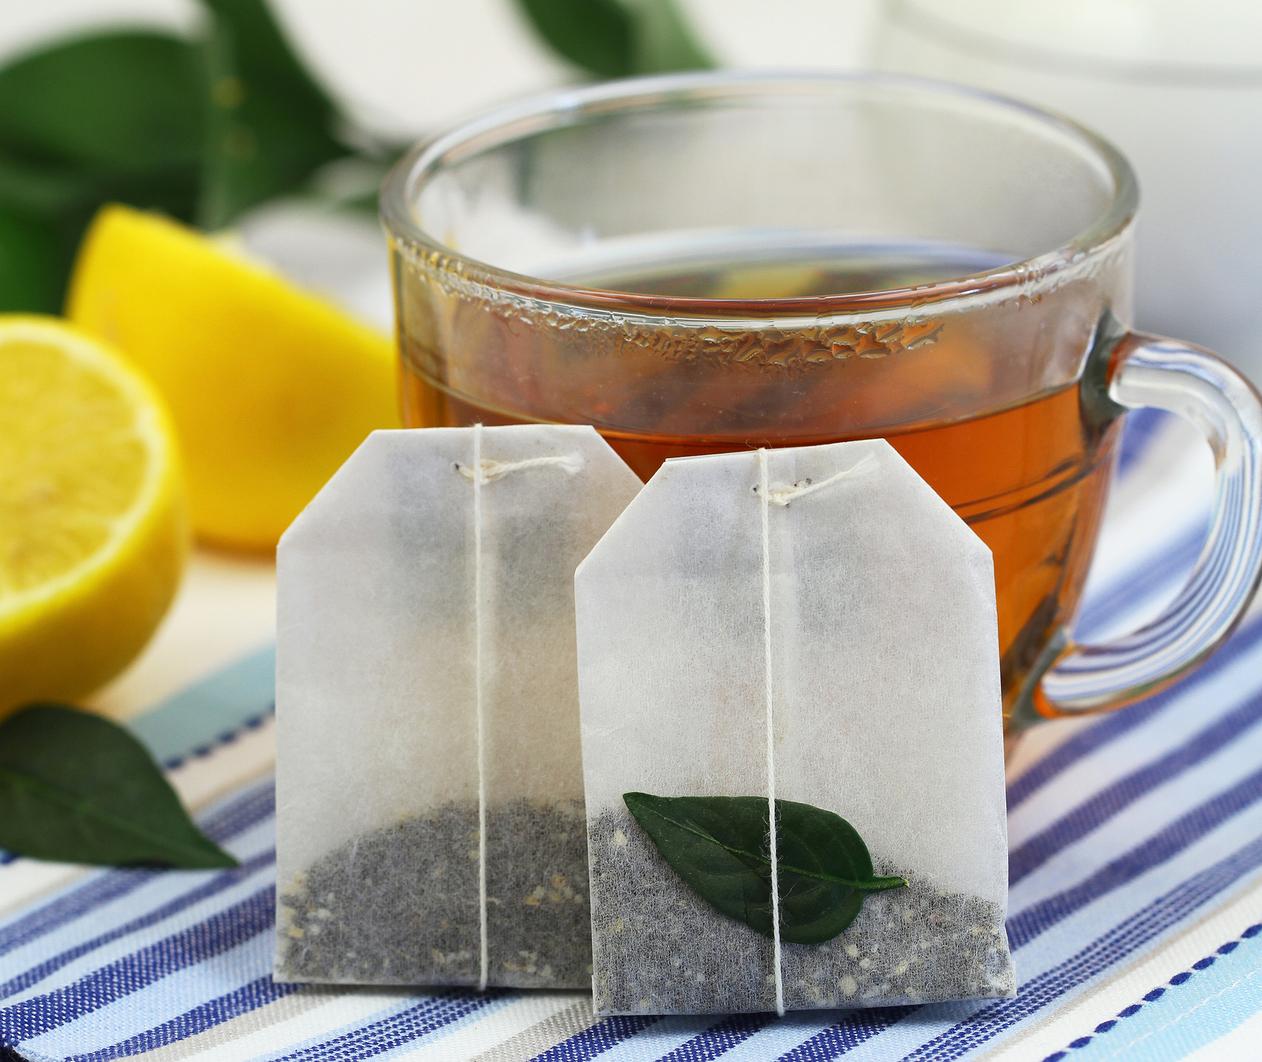 چگونه  از چايهاي كيسهاي چگونه براي بهبود پف زير چشم استفاده كنيم؟/ترجمه اختصاصي